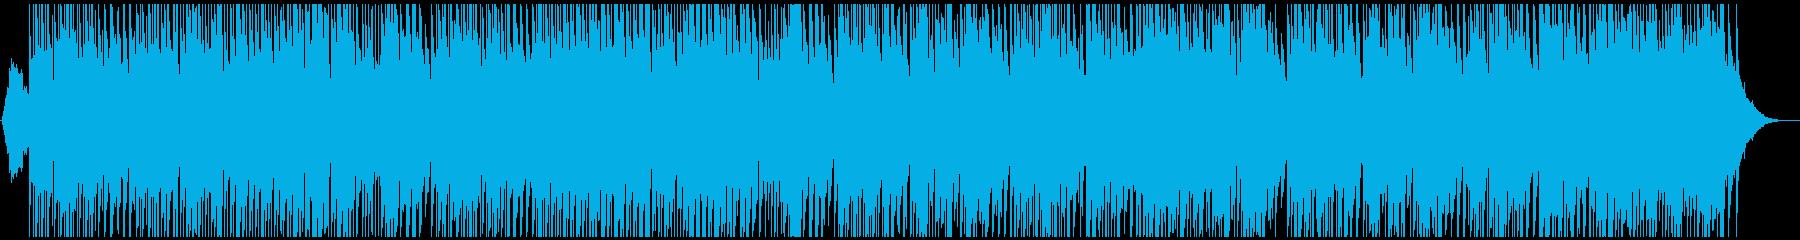 沖縄三線でのんびり聞くビバルディの再生済みの波形